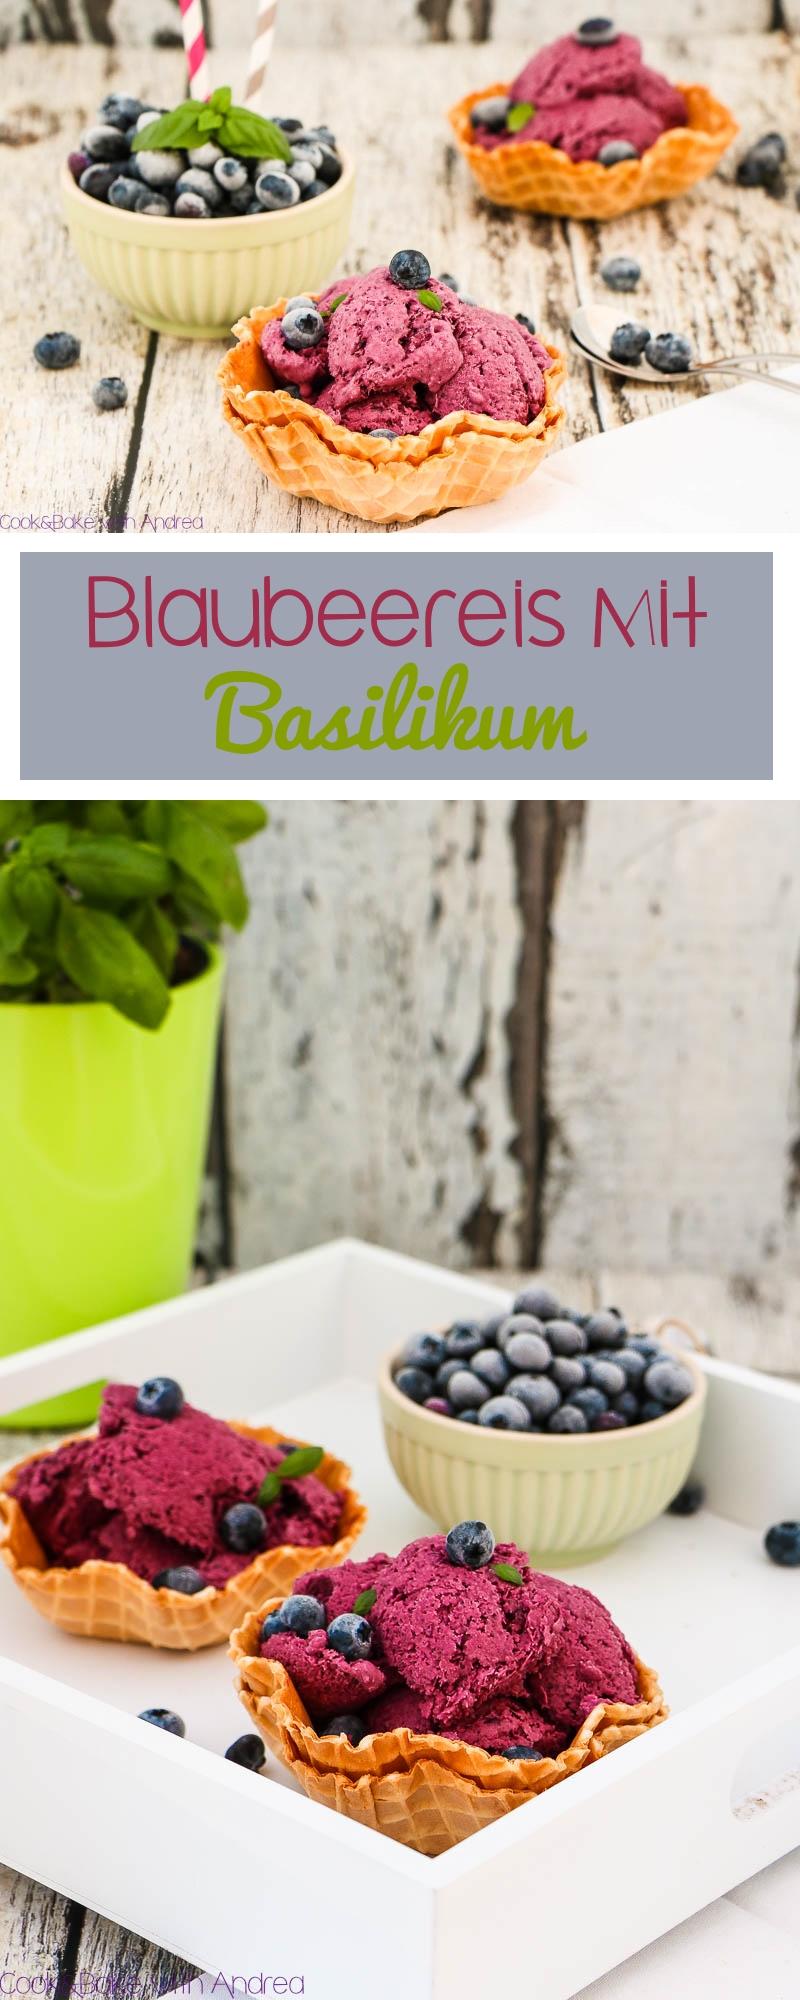 Beeren eignen sich meiner Meinung nach besonders gut im Eis, deswegen wird euch dieses Rezept für Blaubeereis sicher zusagen, sollte ihr Fan von Beeren sein.